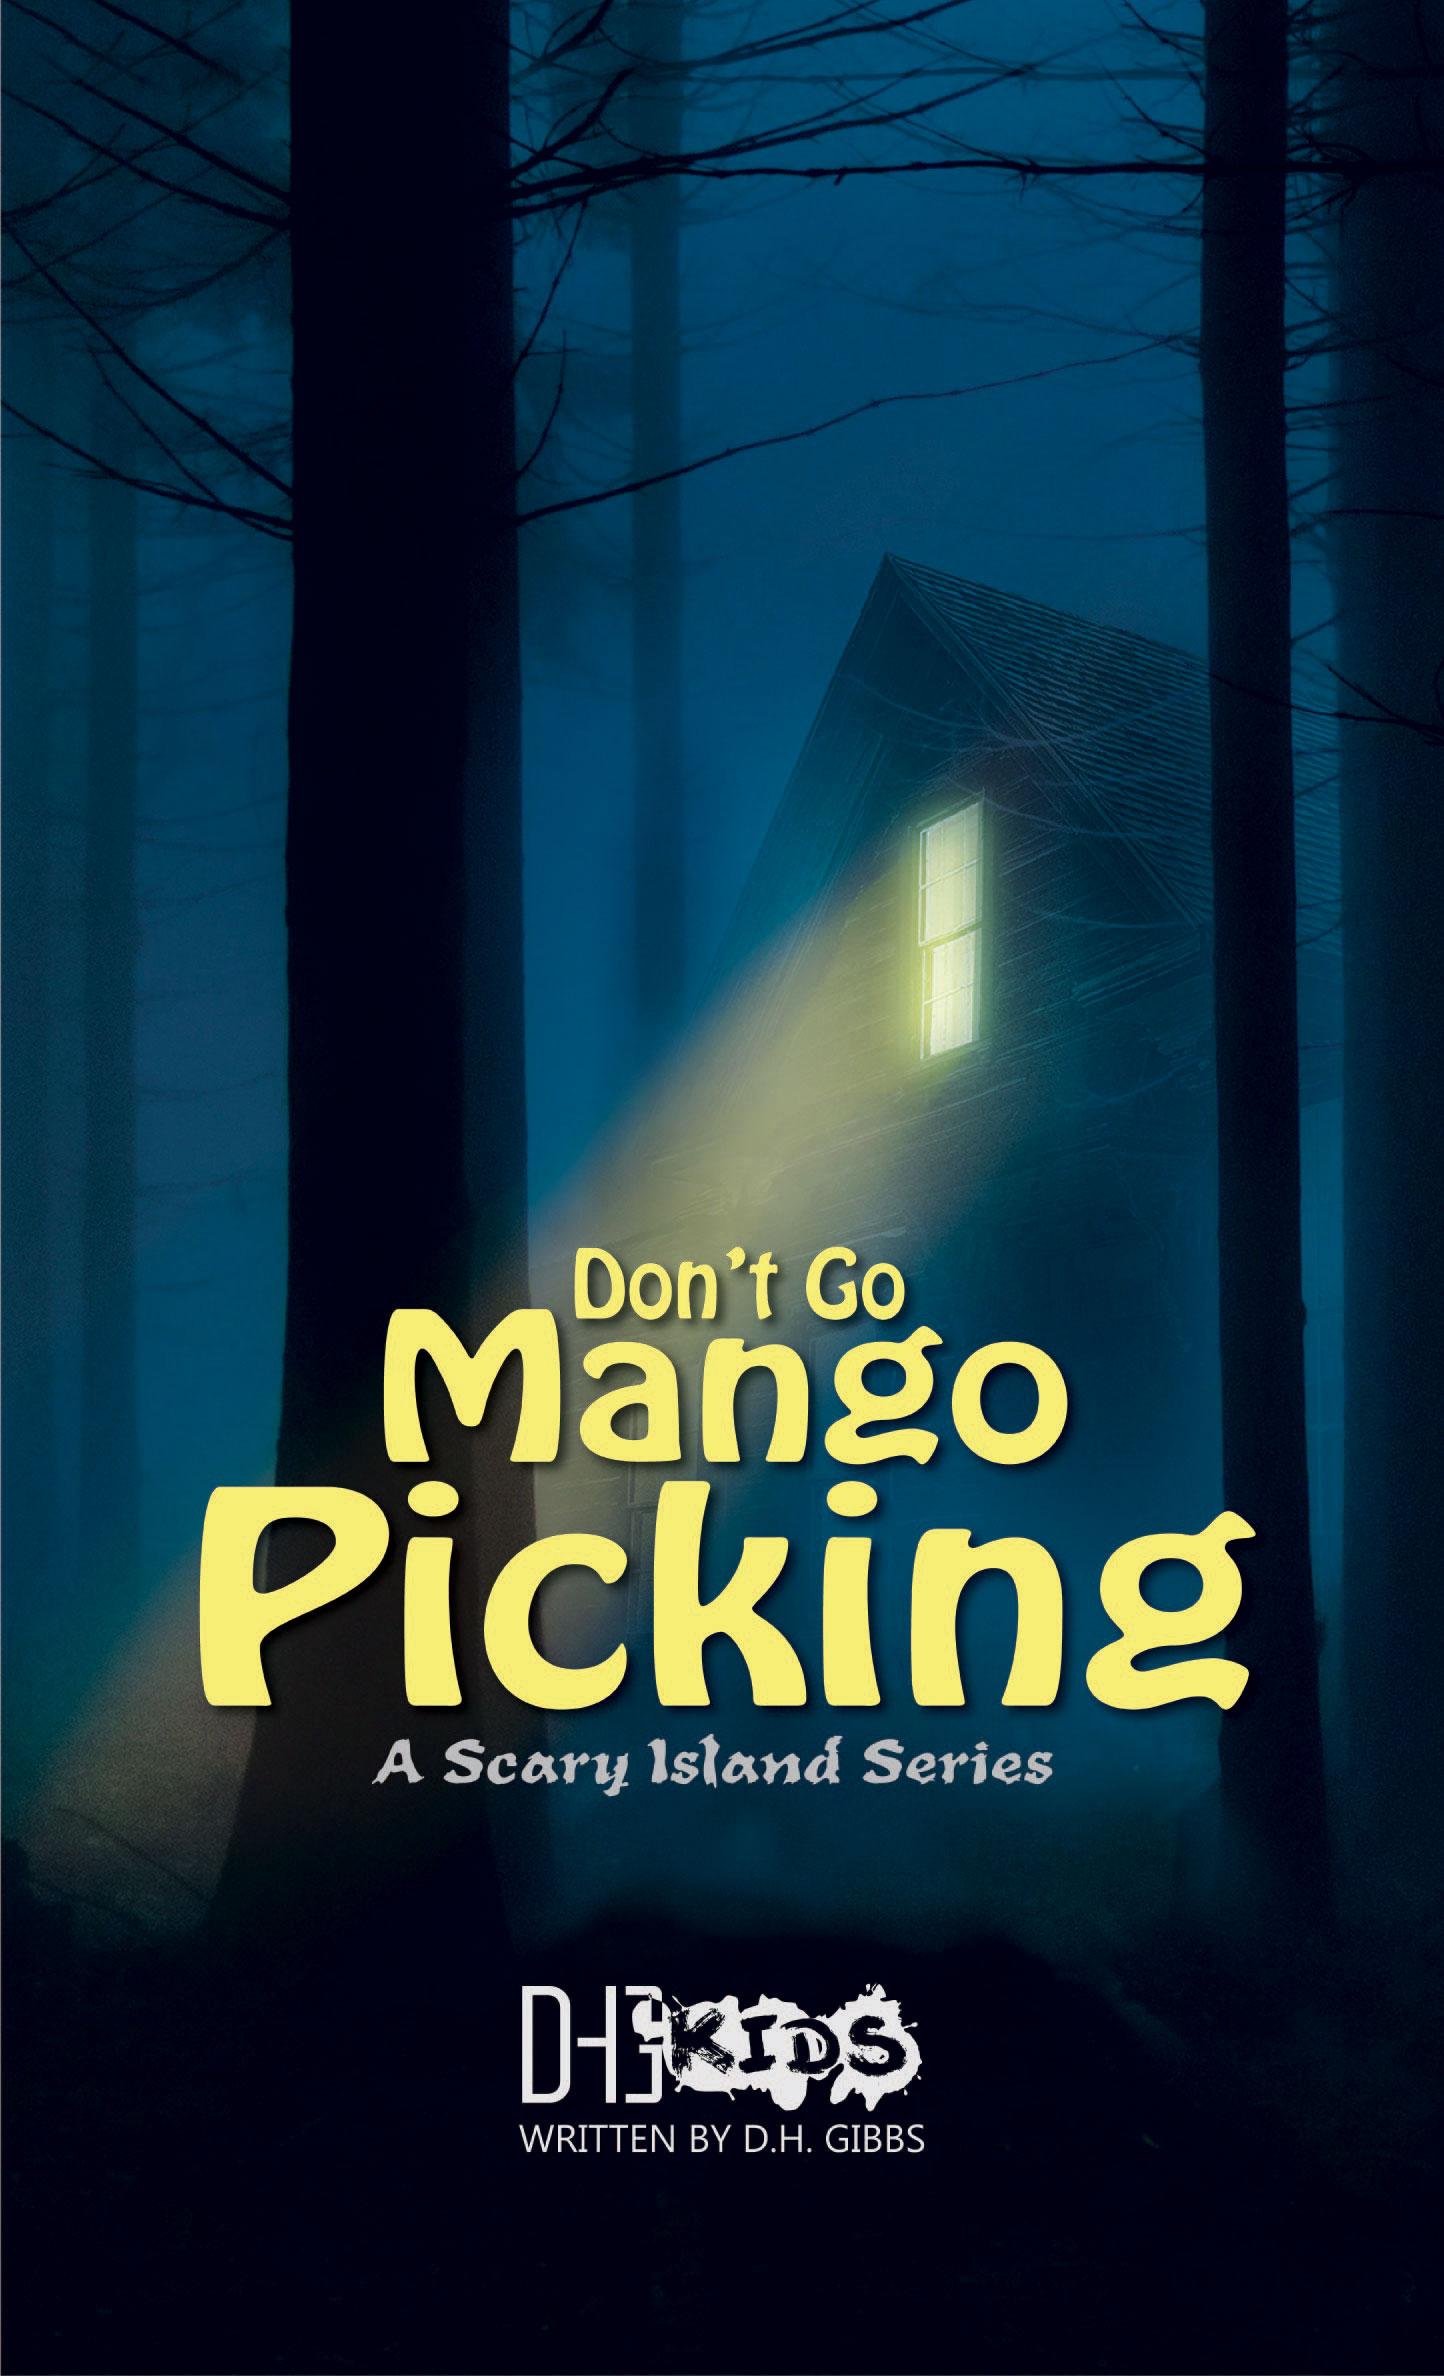 DH Gibbs: Don't Go Mango Picking